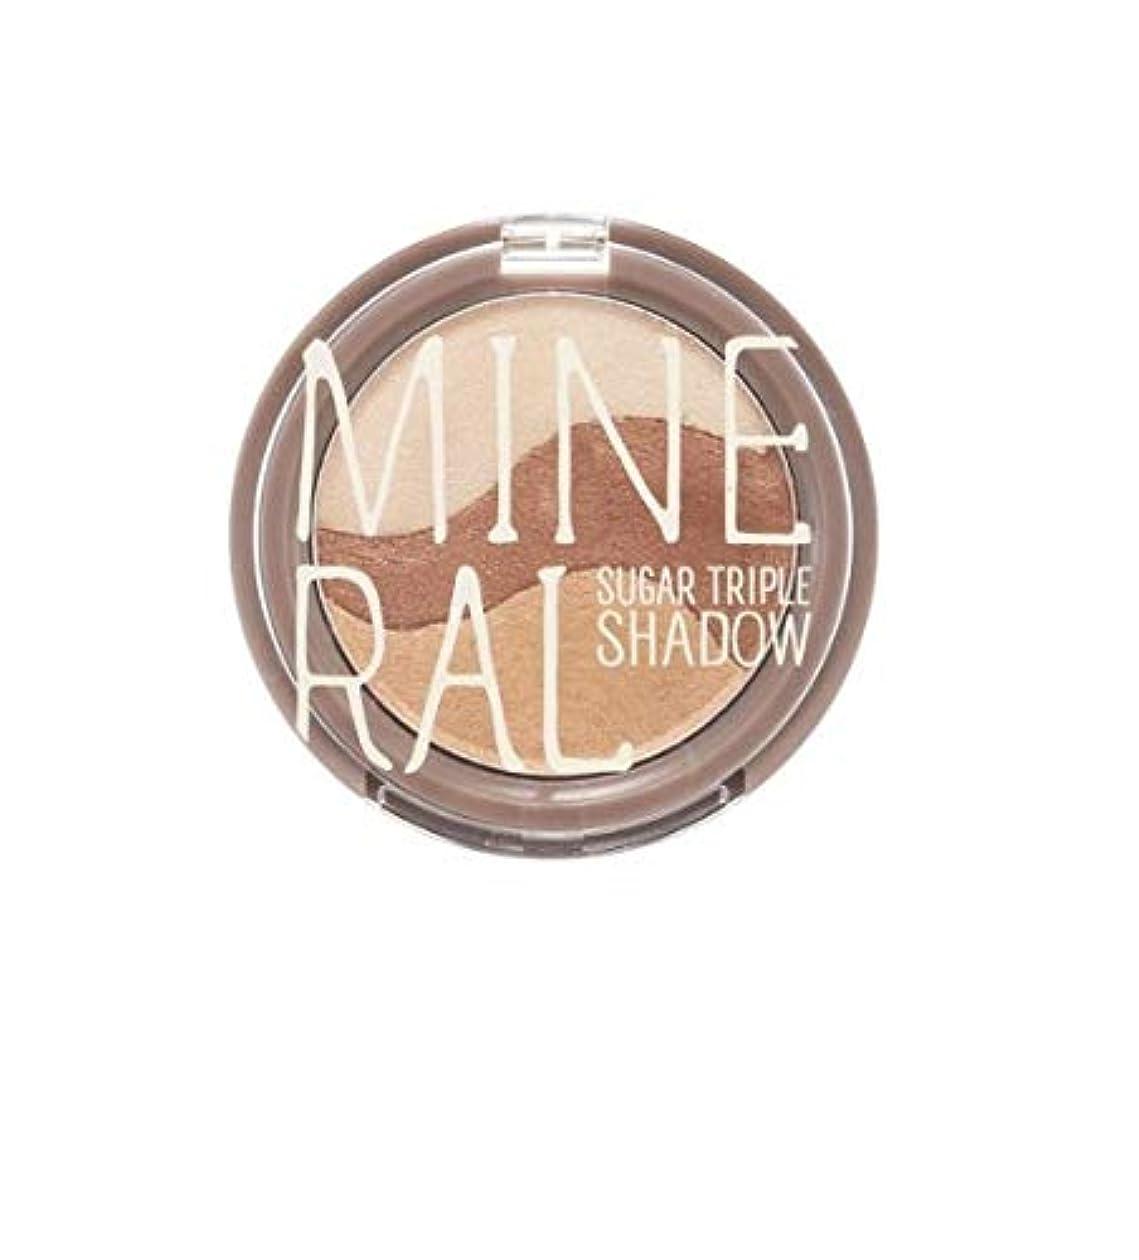 王室分解する庭園Skinfood ミネラルシュガートリプルシャドウ#1ゴールデンブラウン / Mineral Sugar Triple Shadow #1 Golden Brown 3.8g [並行輸入品]